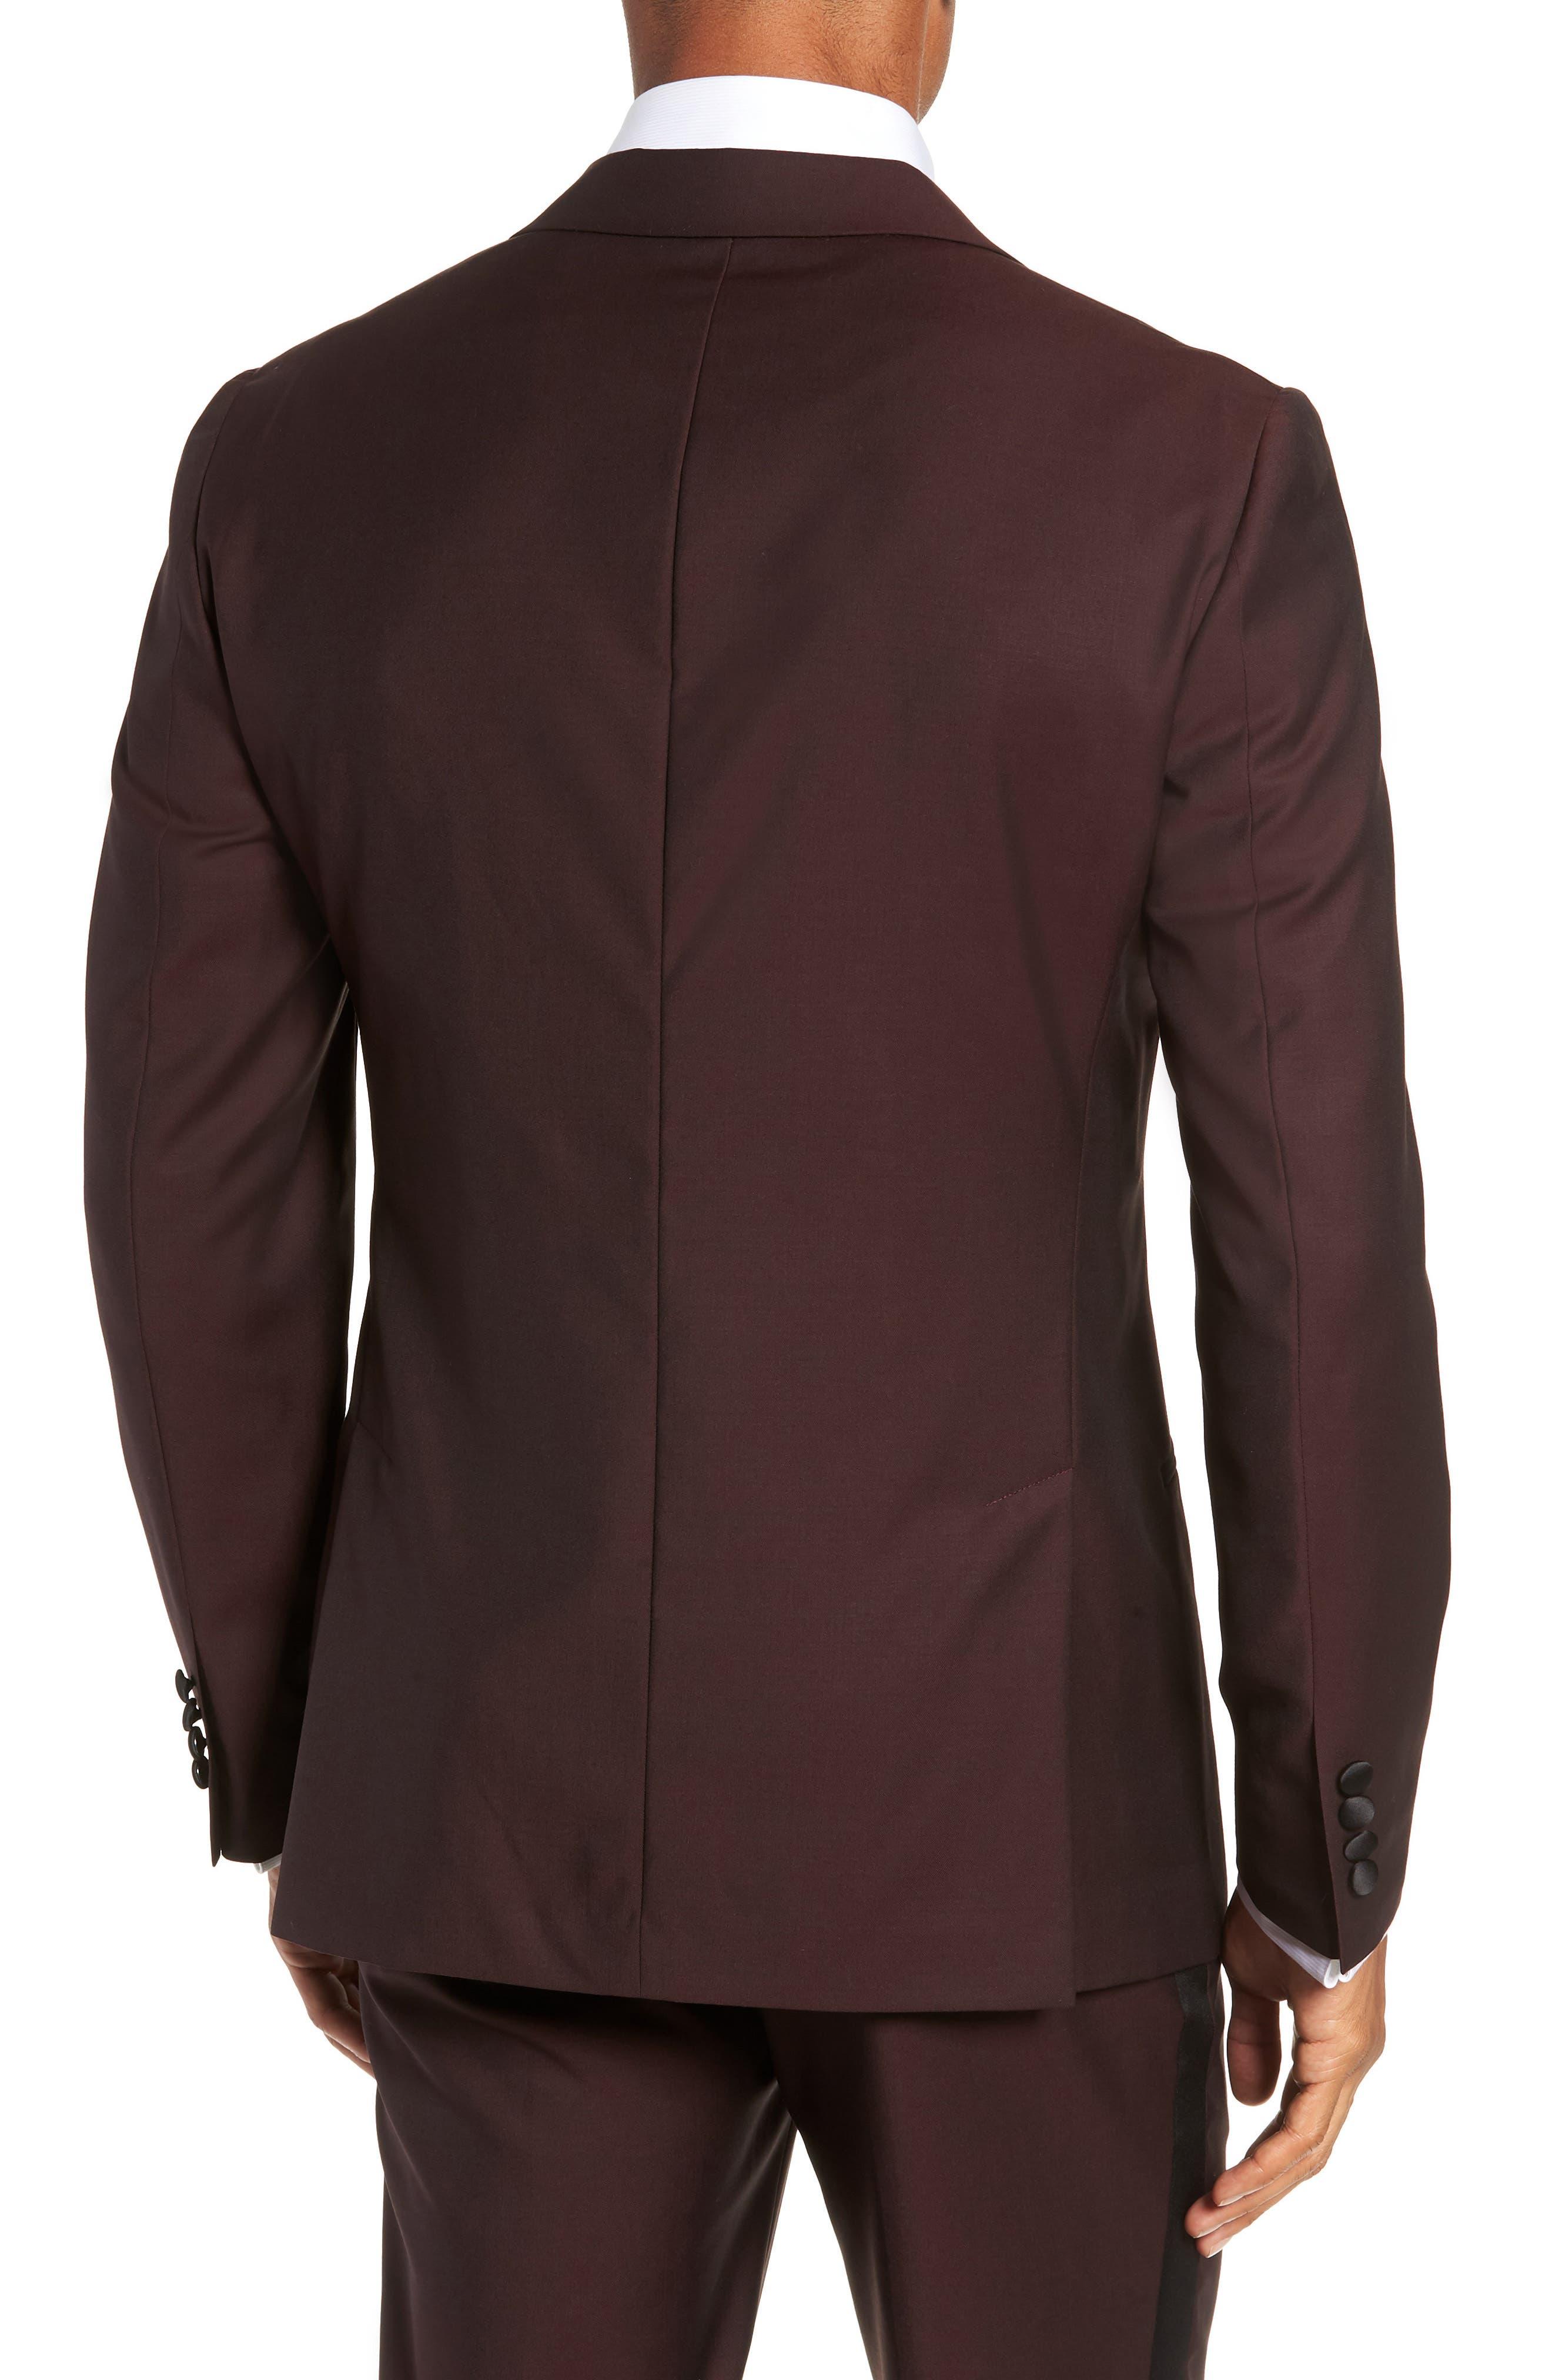 Capstone Slim Fit Italian Wool Dinner Jacket,                             Alternate thumbnail 2, color,                             MAROON